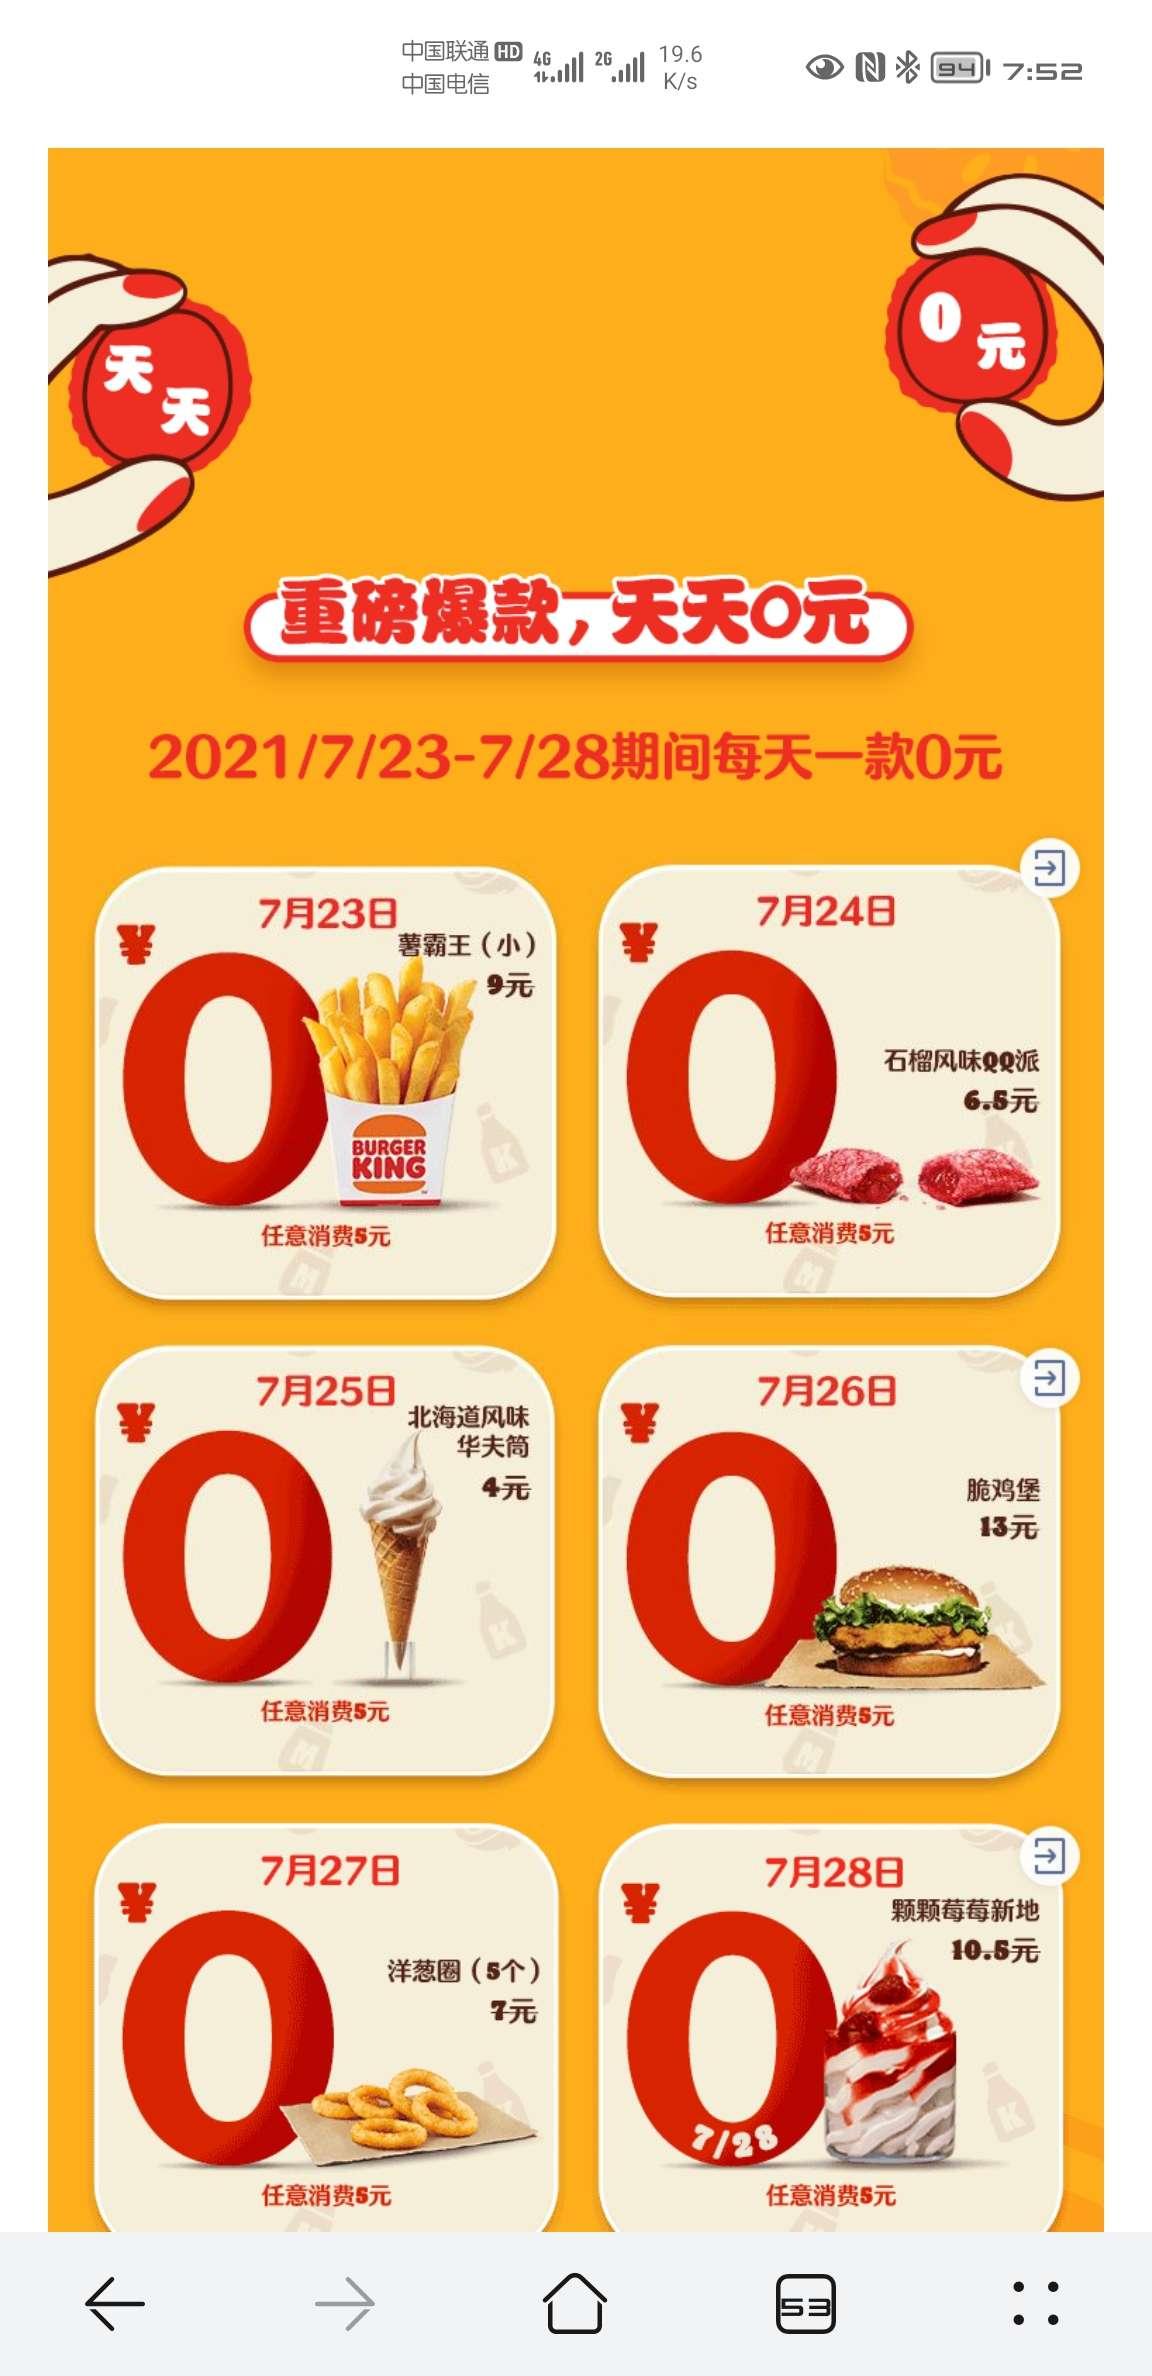 【虚拟物品】汉堡王天天0元吃小薯或冰淇淋